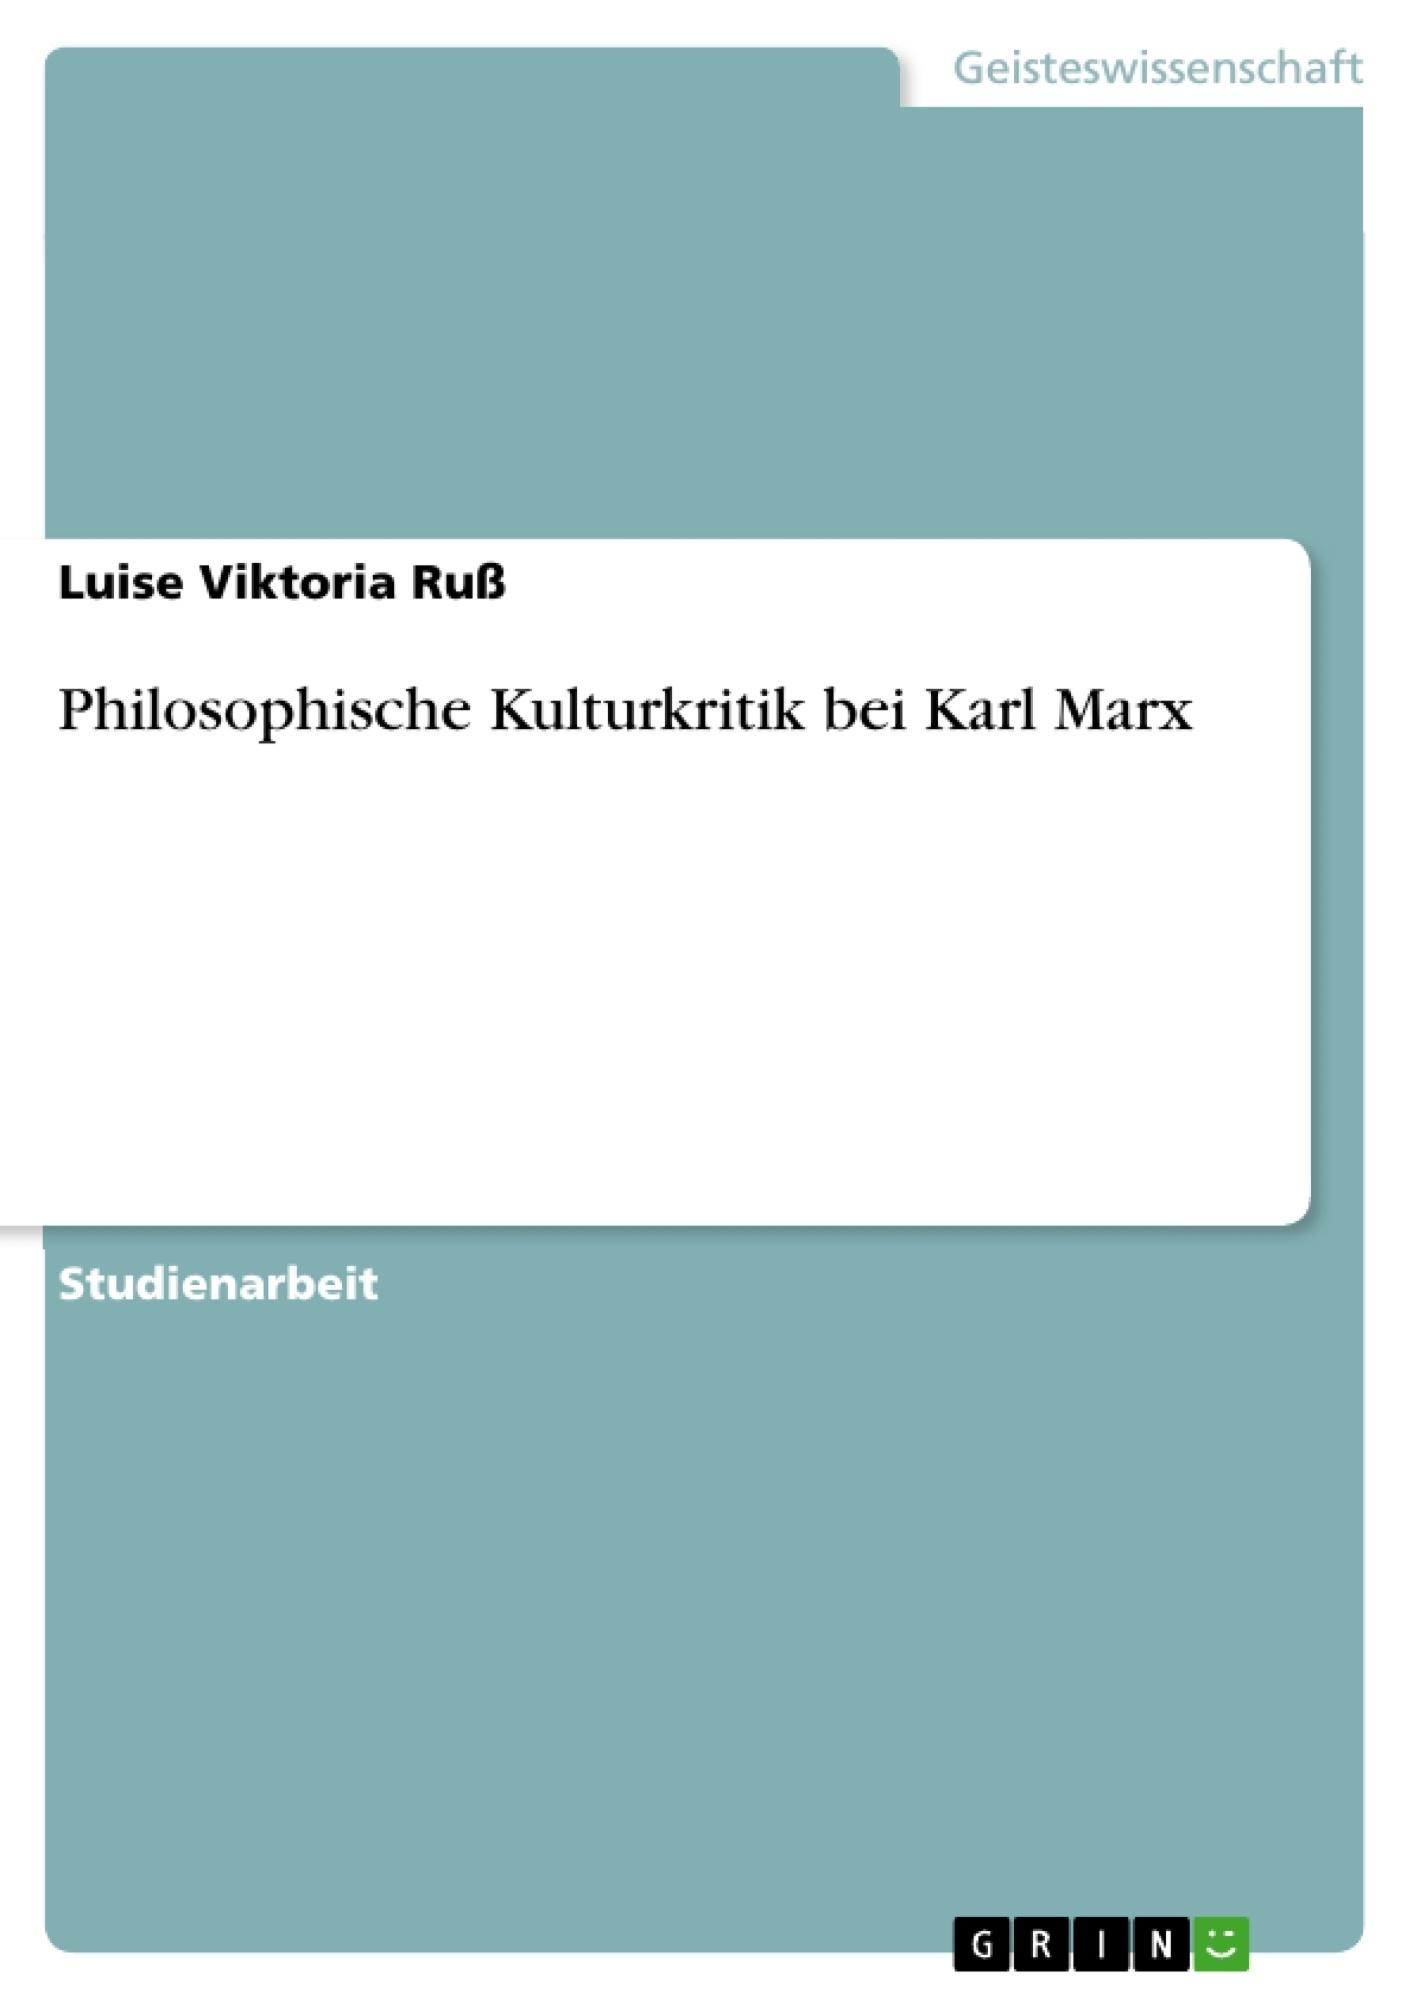 Titel: Philosophische Kulturkritik bei Karl Marx